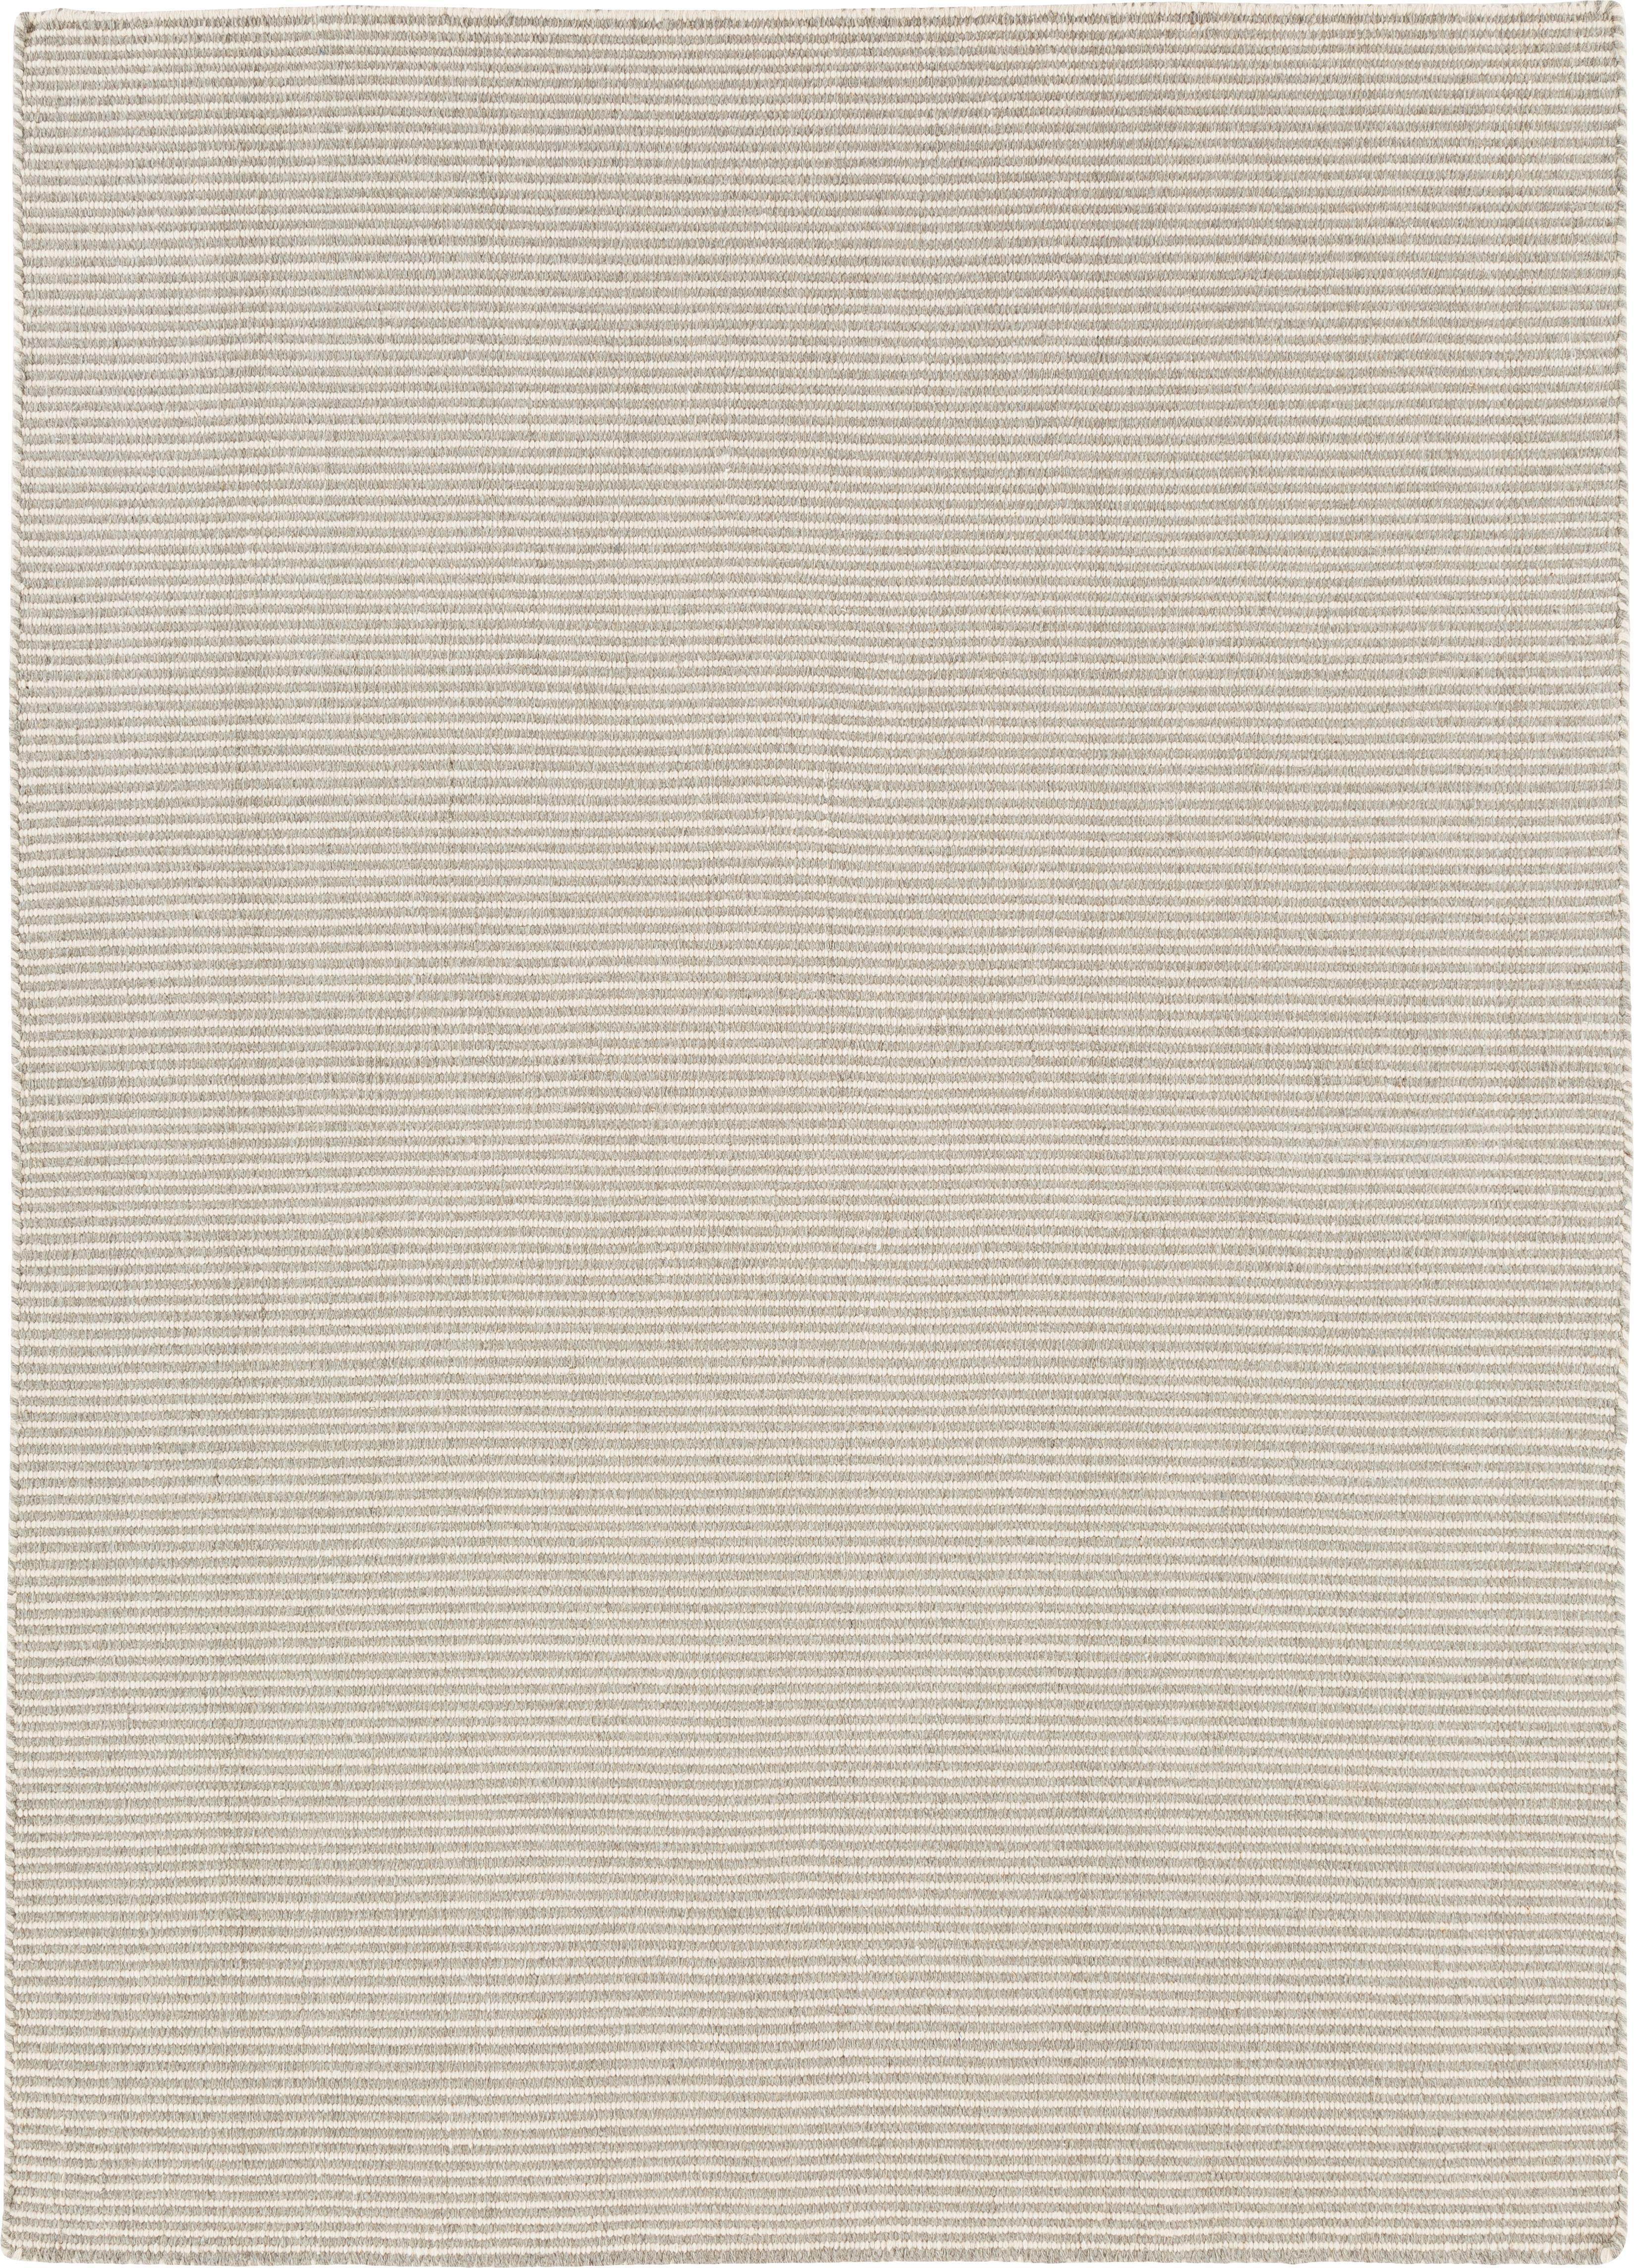 Tappeto in lana tessuto a mano Ajo, Grigio chiaro, crema, Larg.160 x Lung. 230 cm  (taglia M)